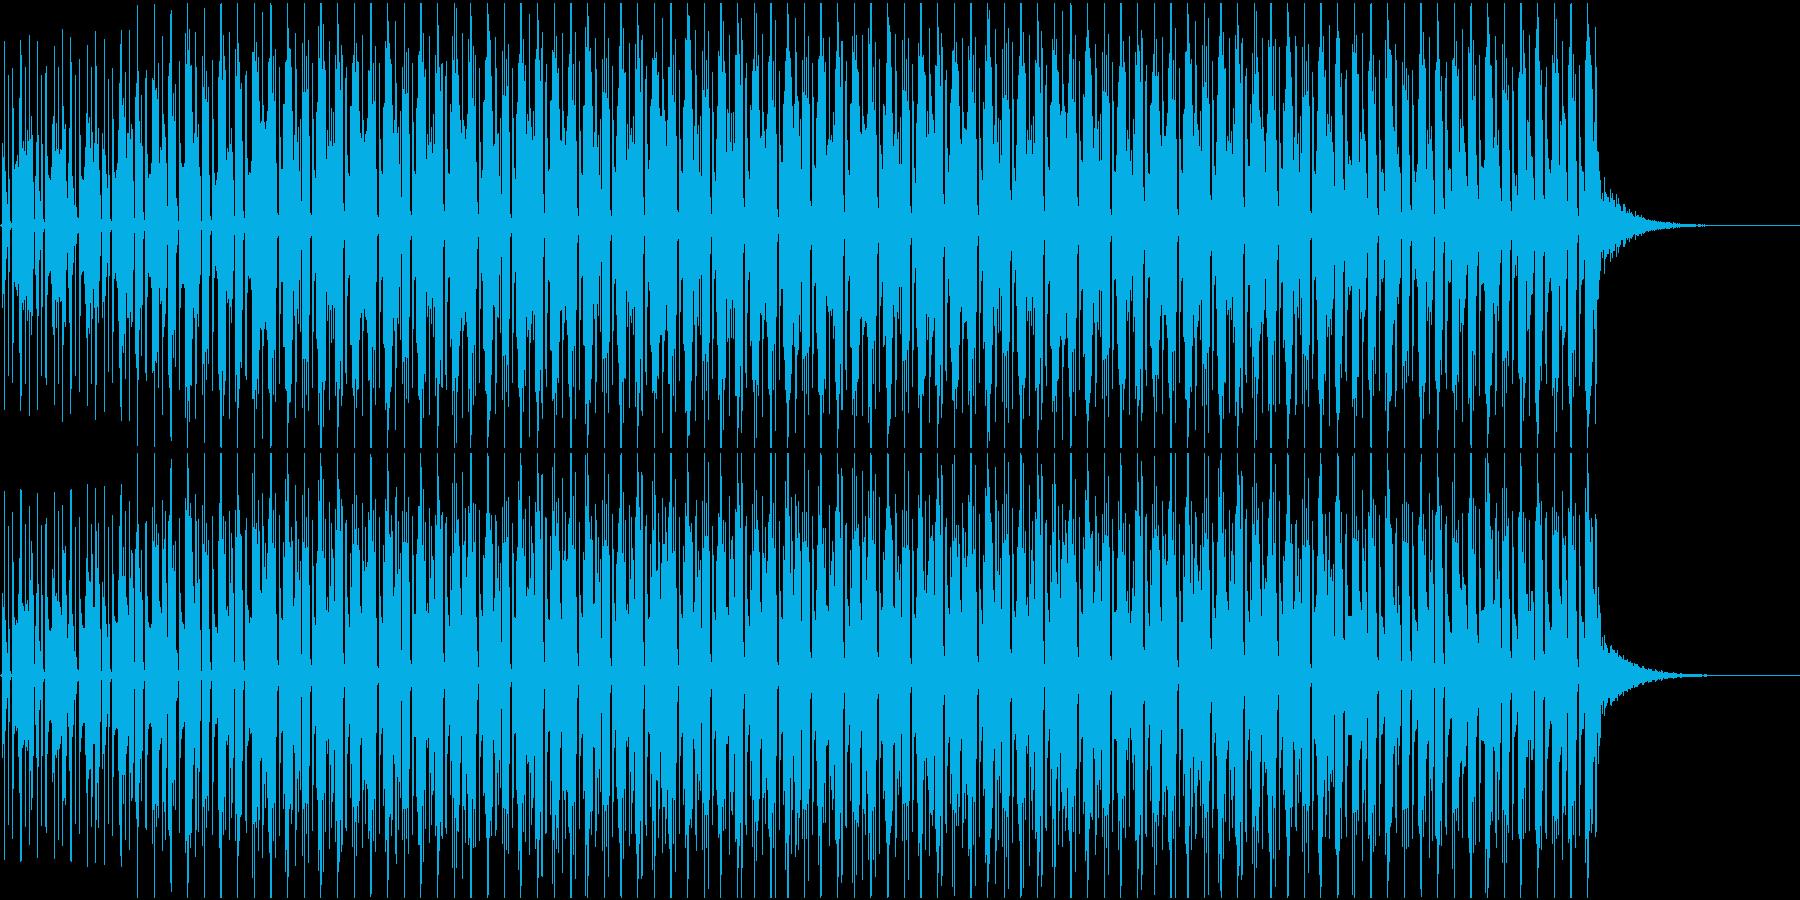 ナレーションの後ろで流れてそうなbgmの再生済みの波形